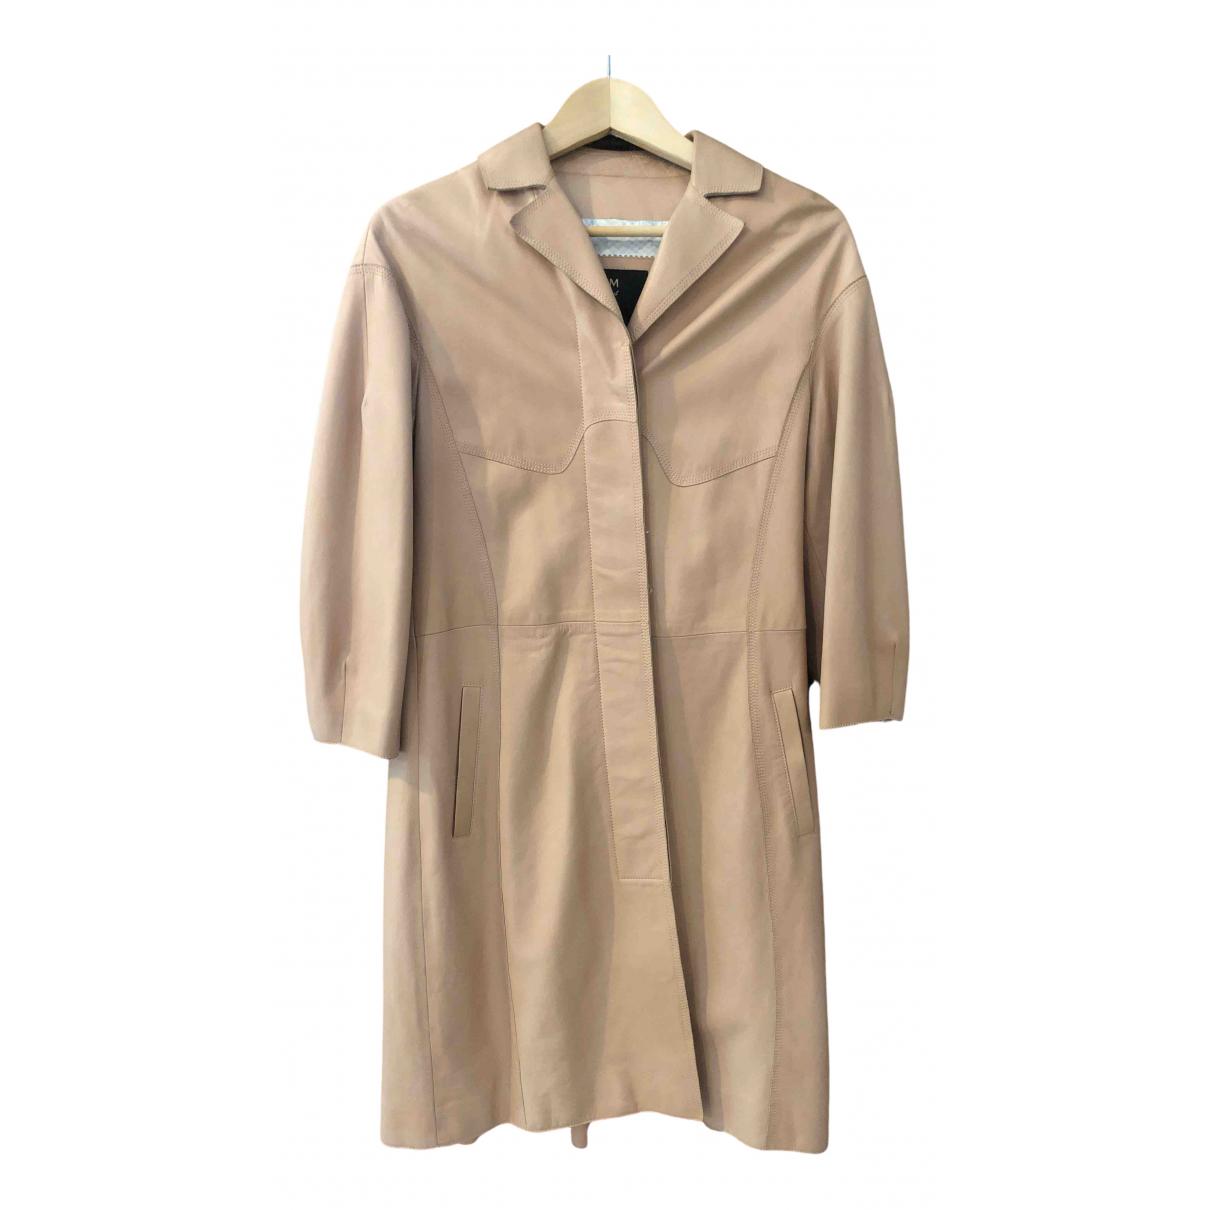 Mcm - Manteau   pour femme en cuir - rose